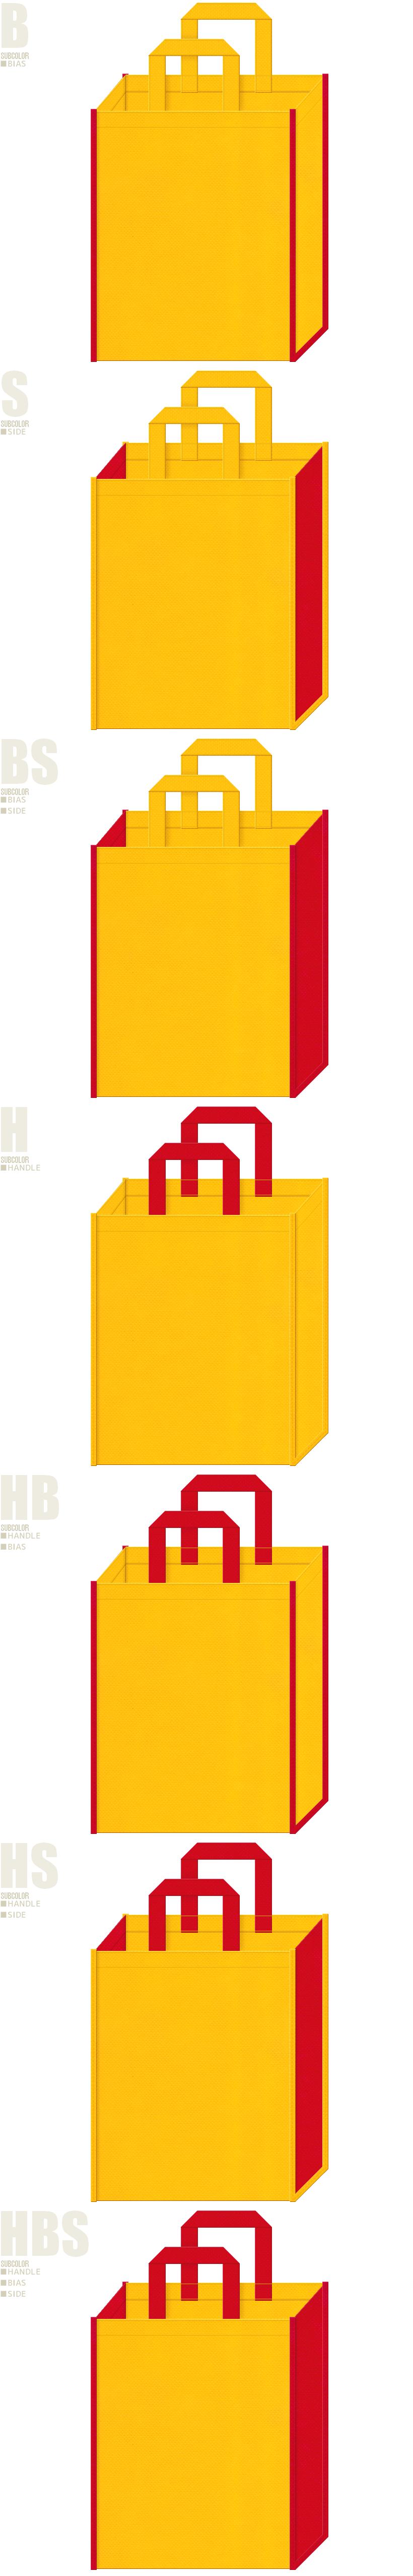 琉球舞踊・アフリカ・カーニバル・サンバ・ゲーム・パズル・おもちゃ・テーマパーク・キッズイベントにお奨めの不織布バッグデザイン:黄色と紅色の配色7パターン。